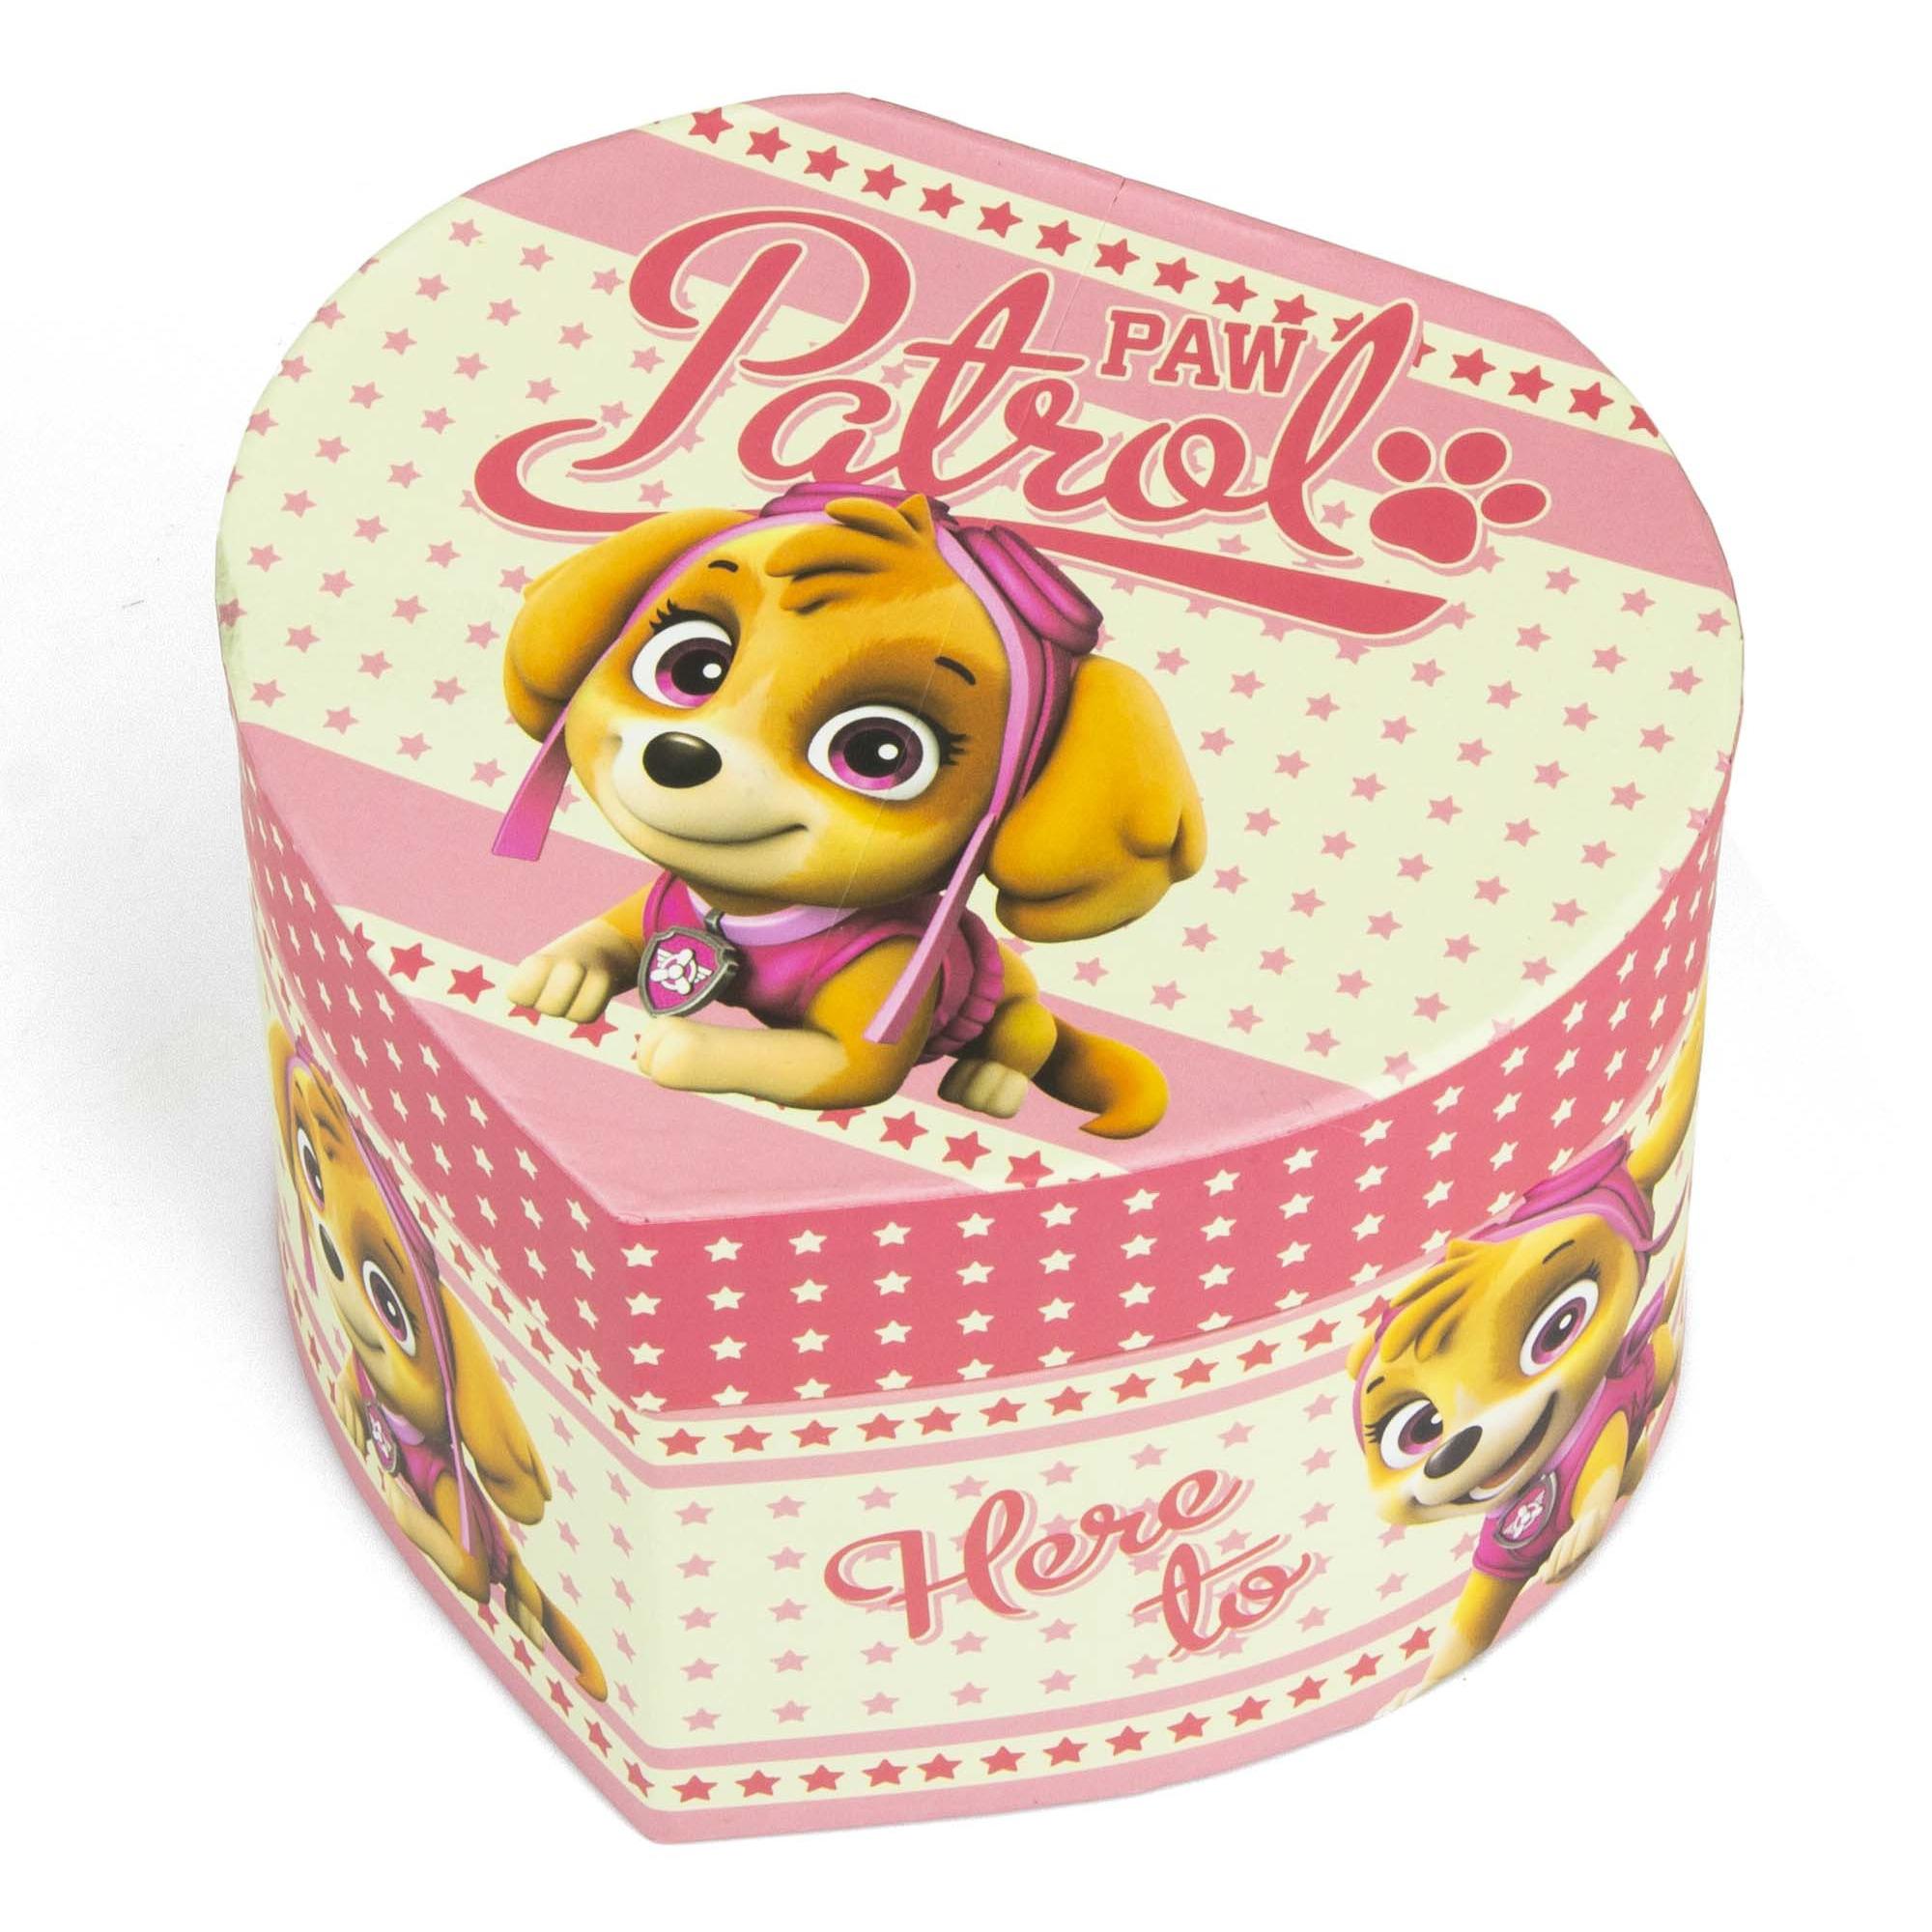 Juwelendoos sieradendoos roze paw patrol skye 12 x 11 x 8 cm voor meisjes